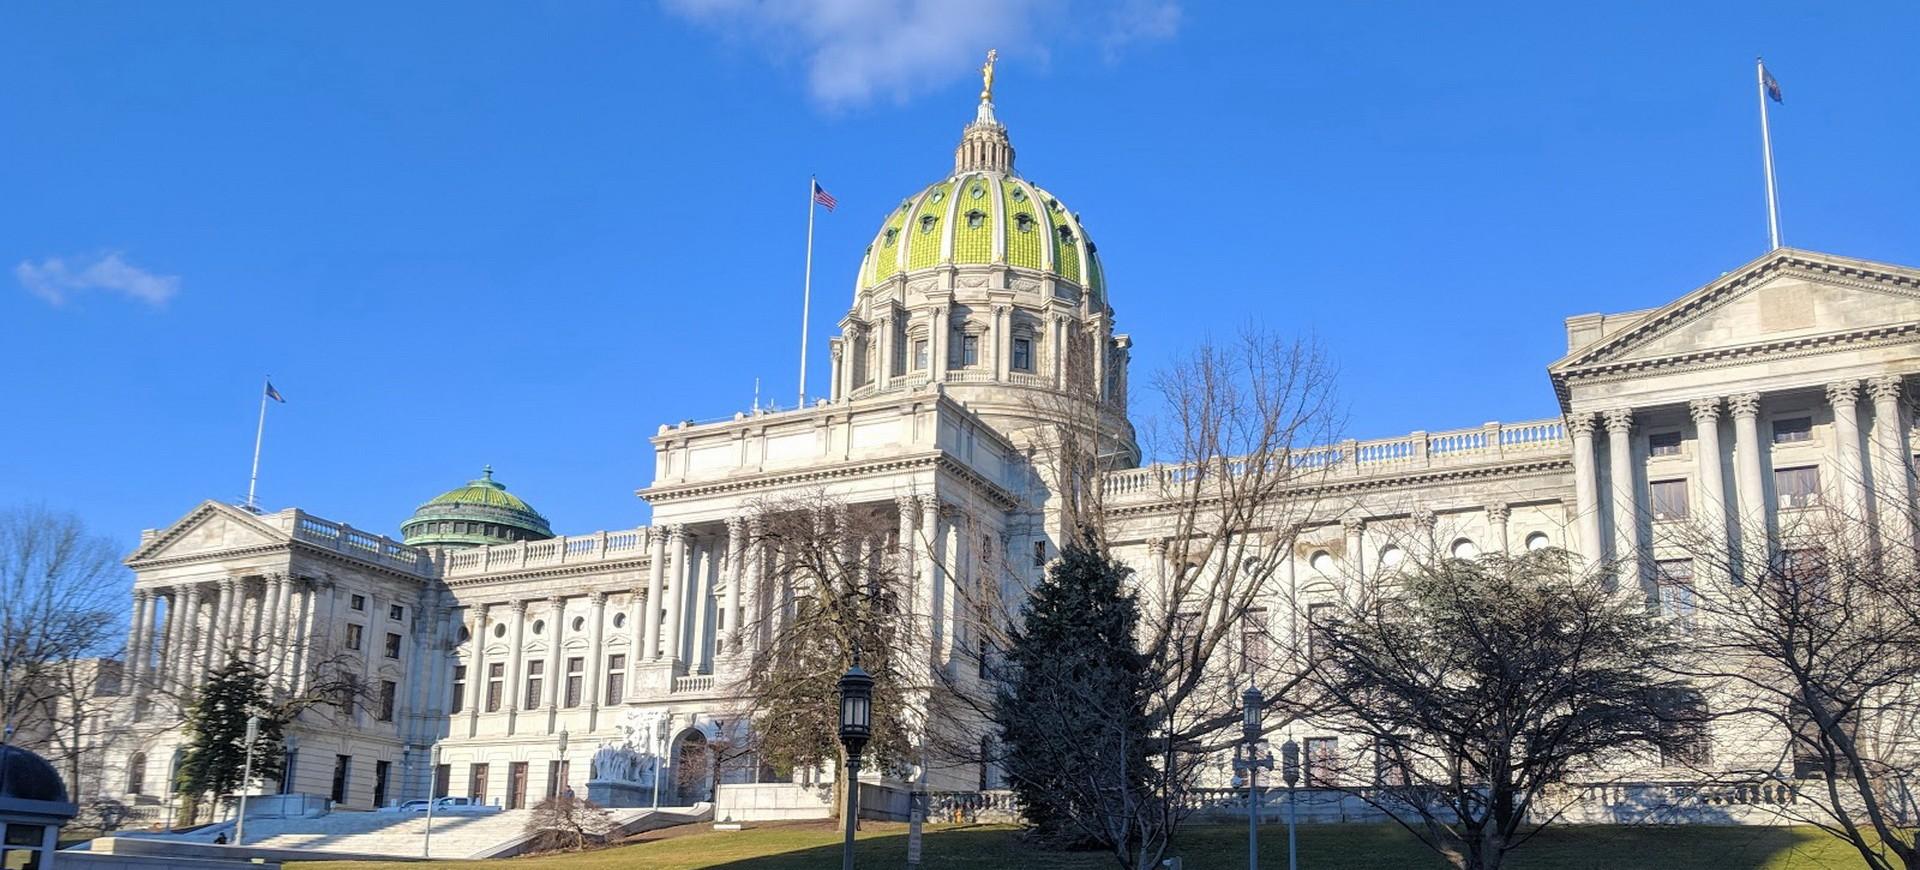 Etats-Unis Harrisburg Pennsylvania State Capitol